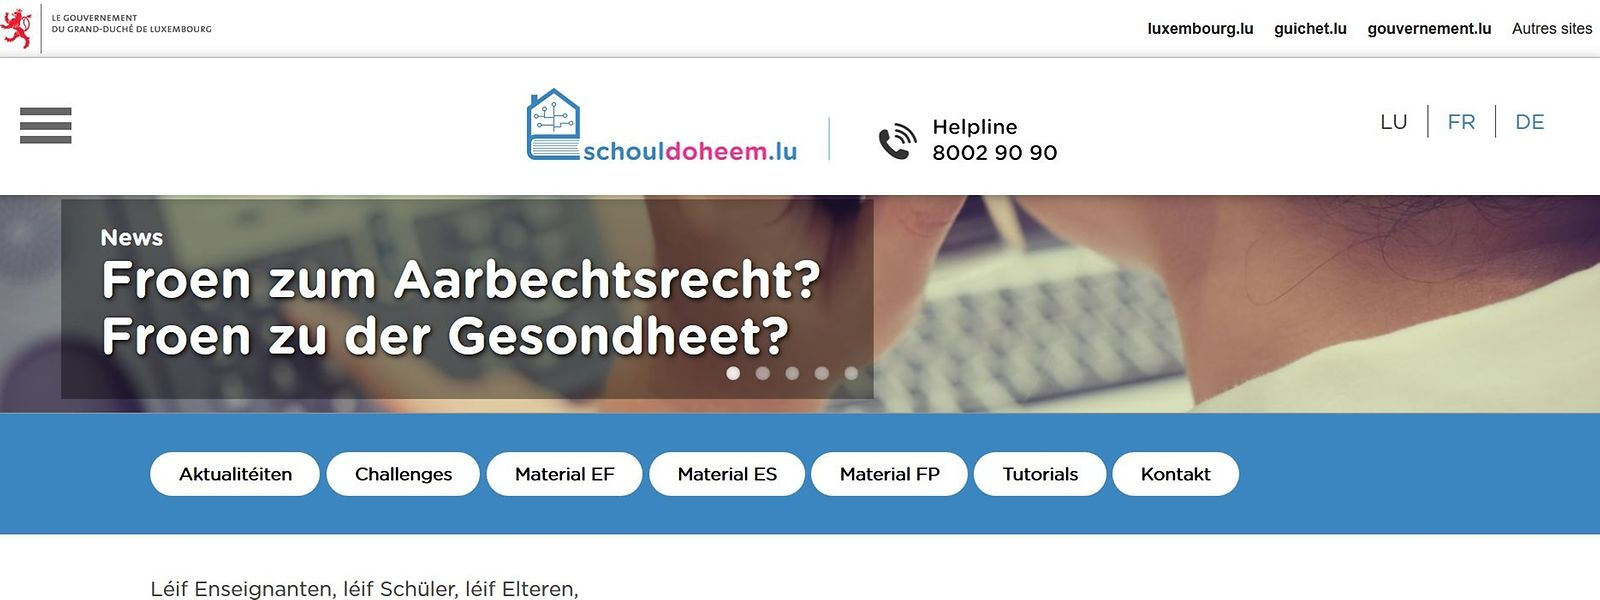 La plateforme «Schouldoheem» a déjà reçu 250.000 visites en une dizaine de jours, et «les échos sont très positifs»